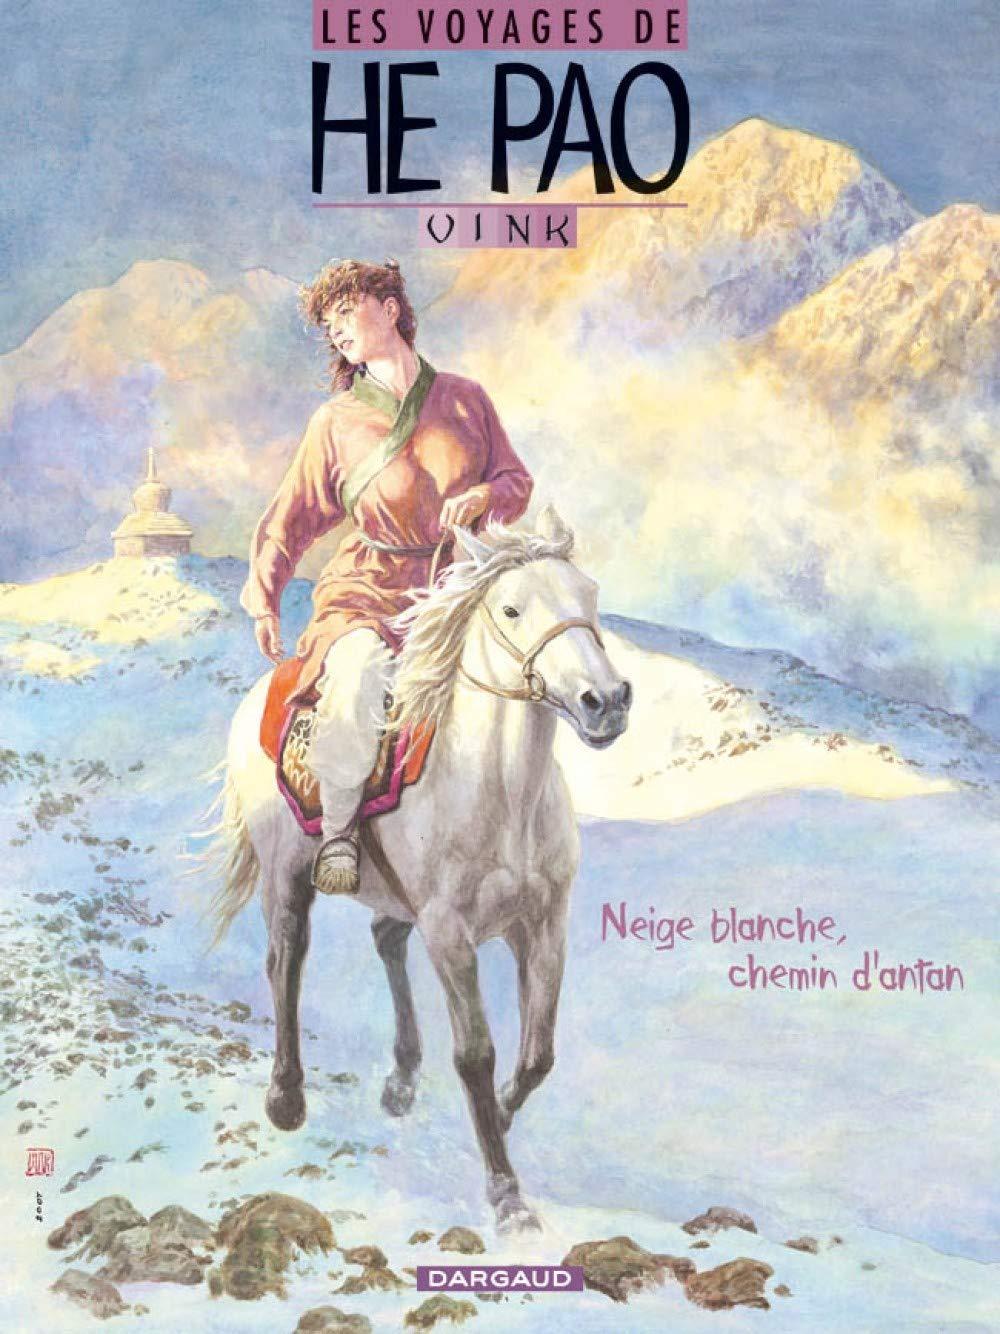 Les voyages de He Pao - Neige blanche, chemin d'antan